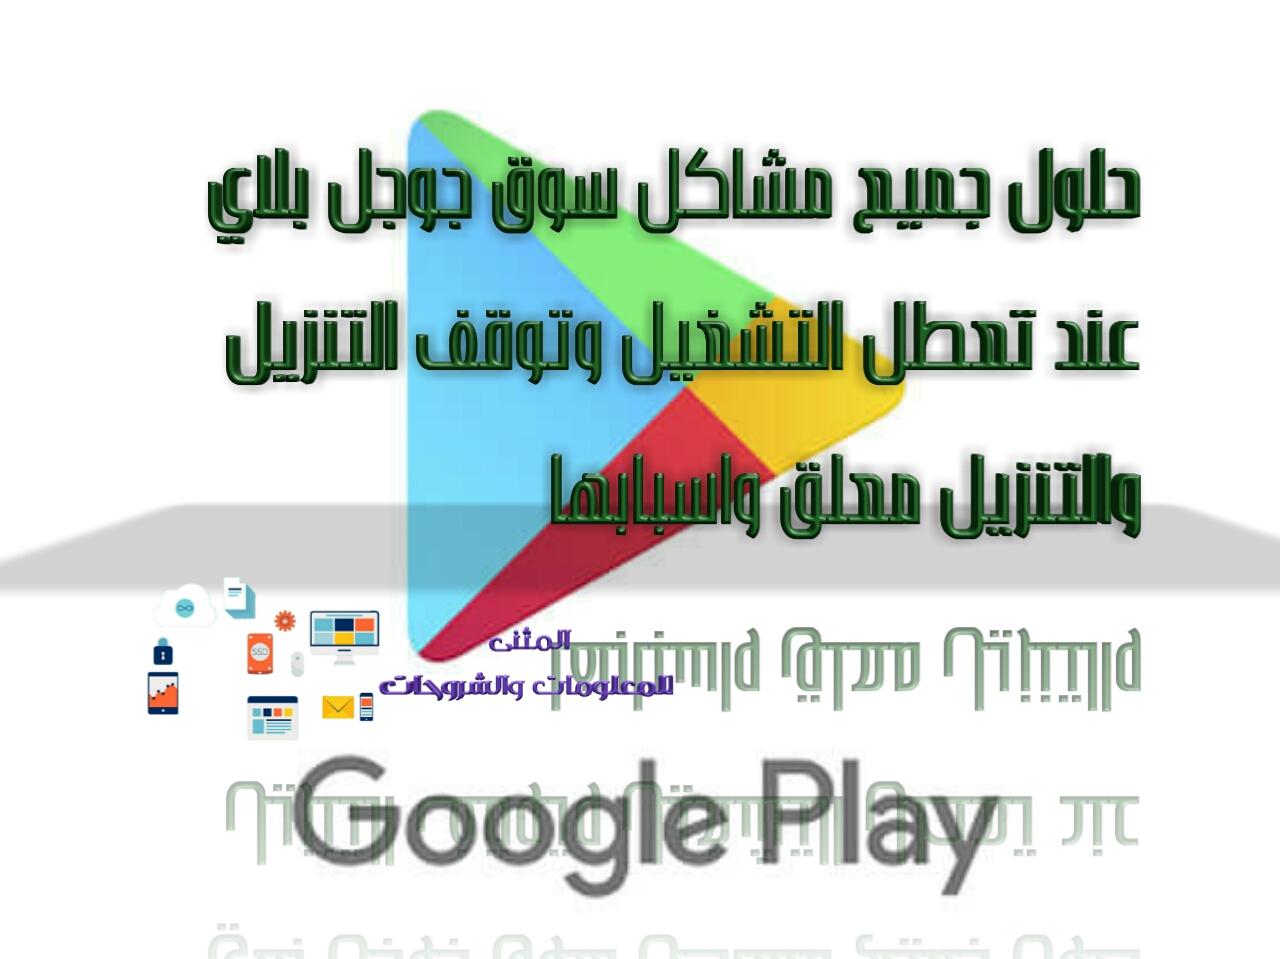 حل مشكلة توقف سوق متجر جوجل بلاي وتعذر التنزيل واسبابها وطرق حلها